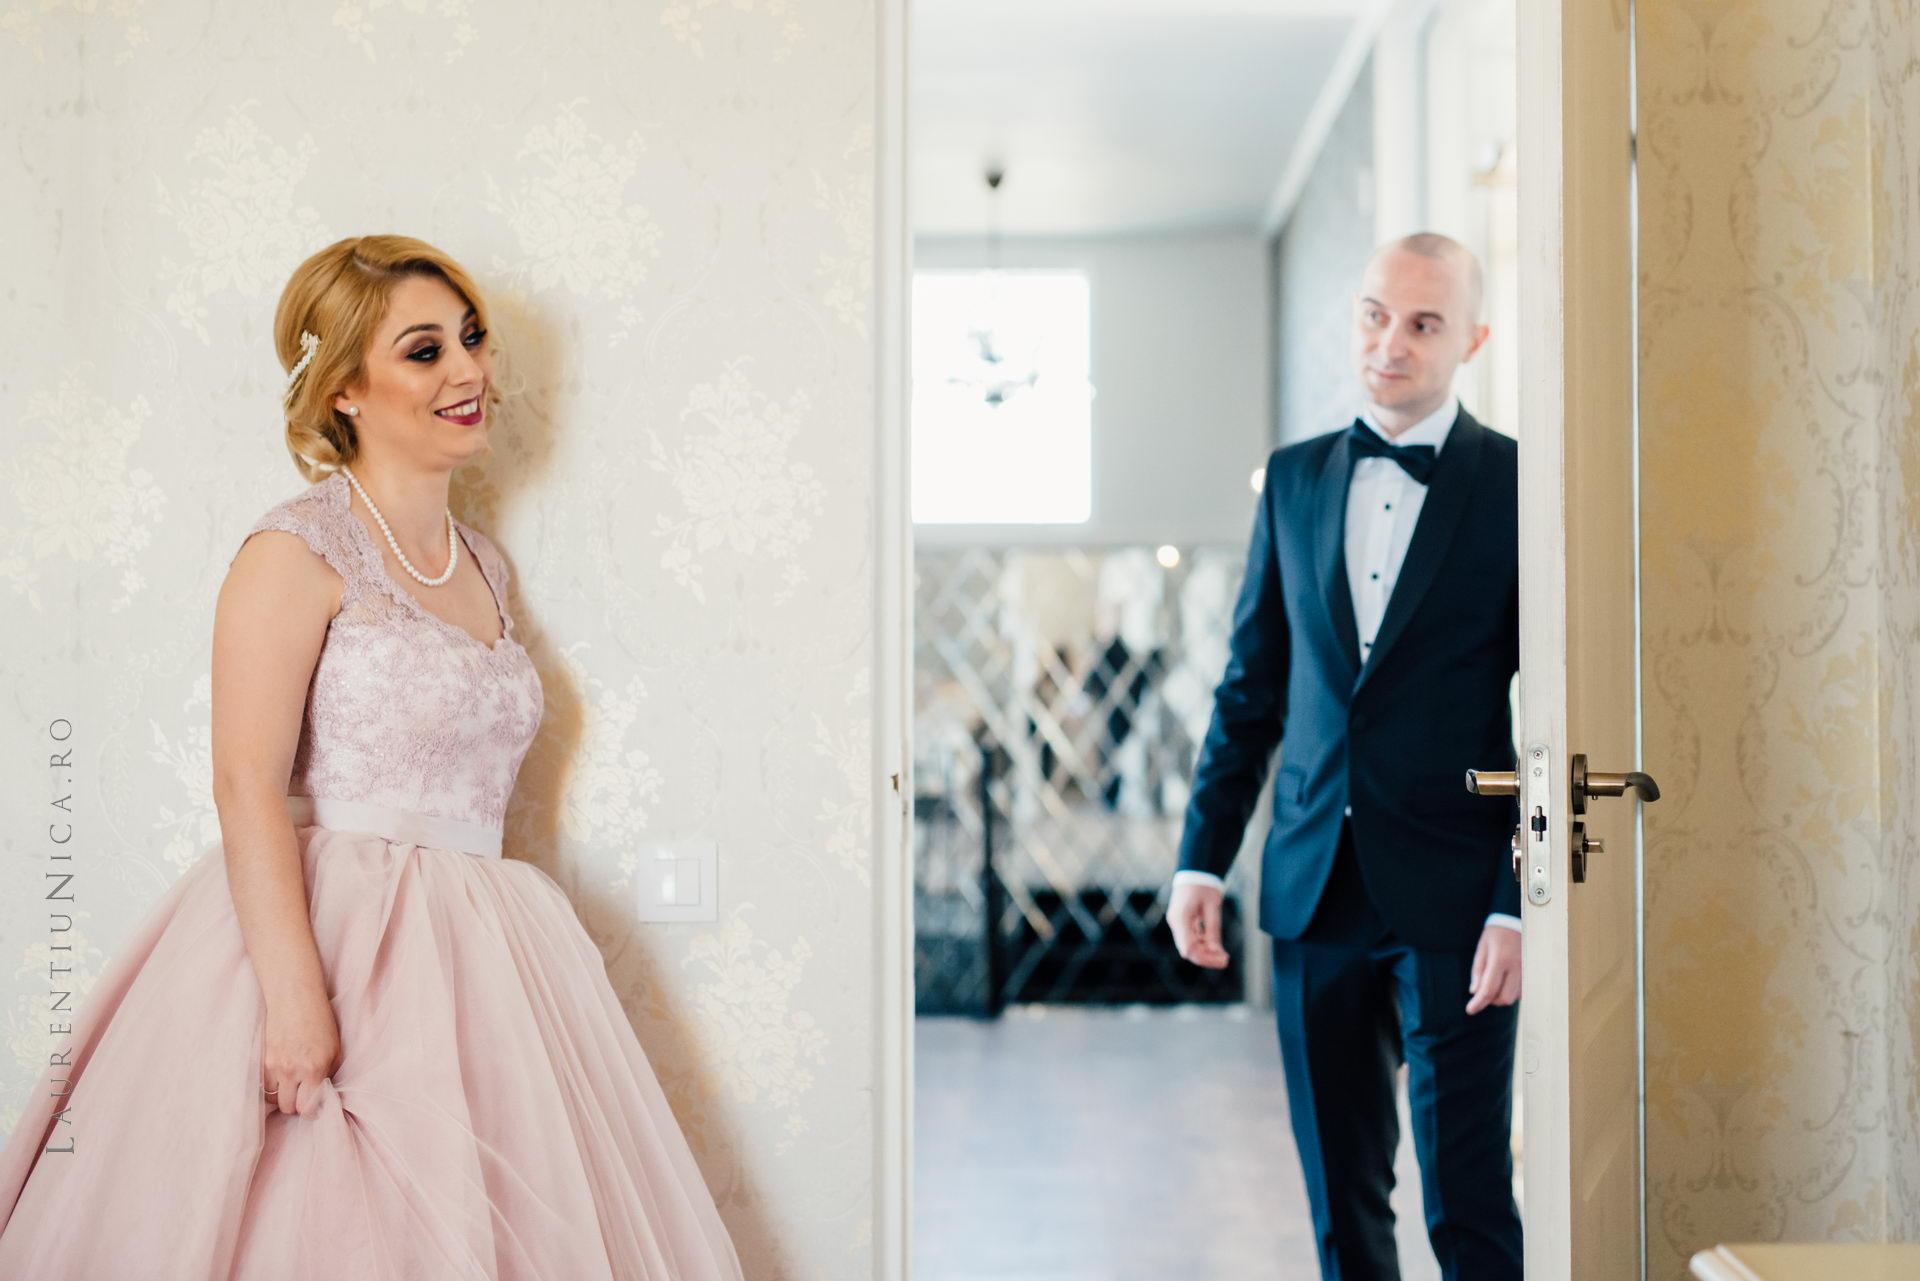 lavinia si adi fotograf laurentiu nica craiova 020 - Lavinia & Adi | Fotografii nunta